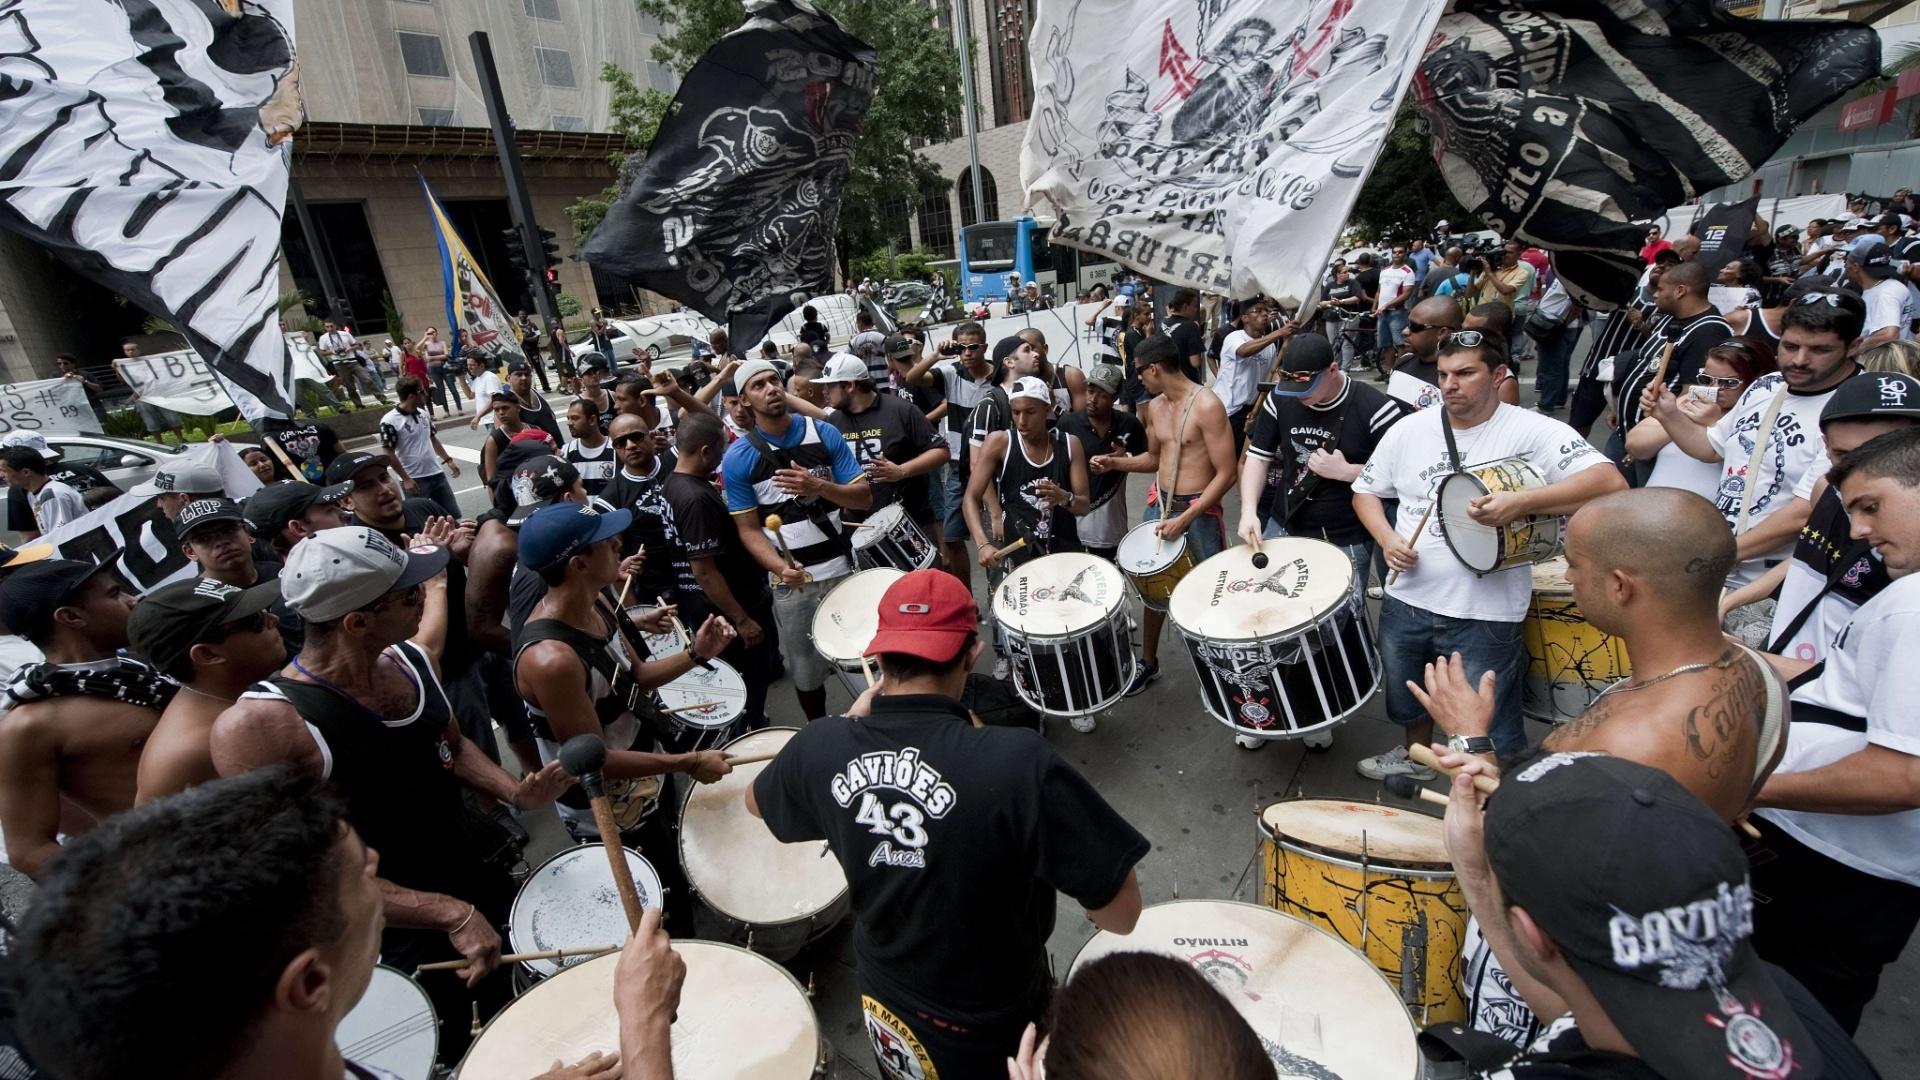 Manifestação na Avenida Paulista reuniu torcedores ligados às organizadas do Corinthians como Gaviões da Fiel e Camisa 12